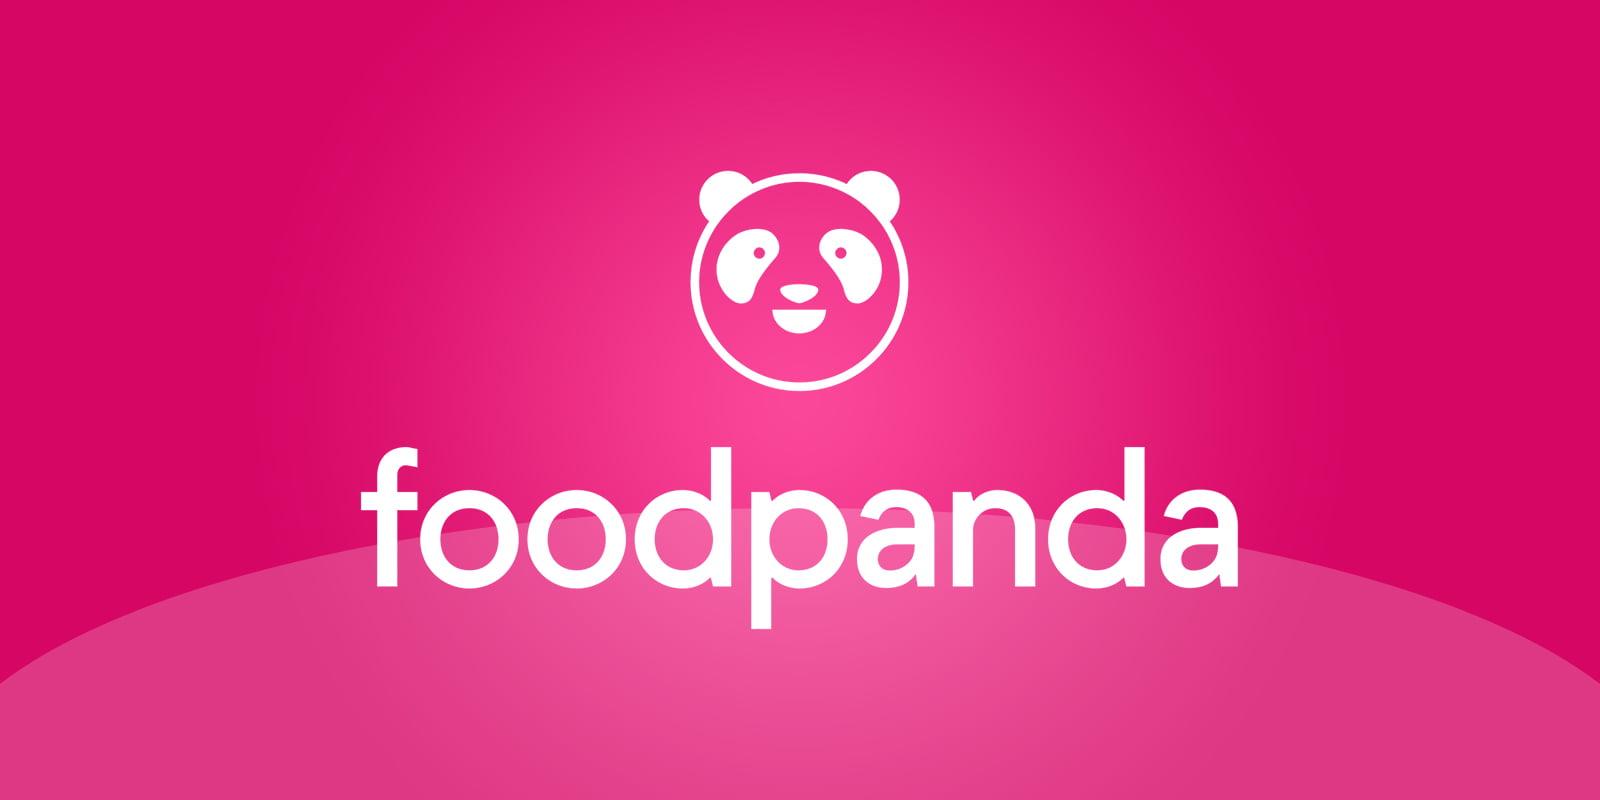 Foodpanda review